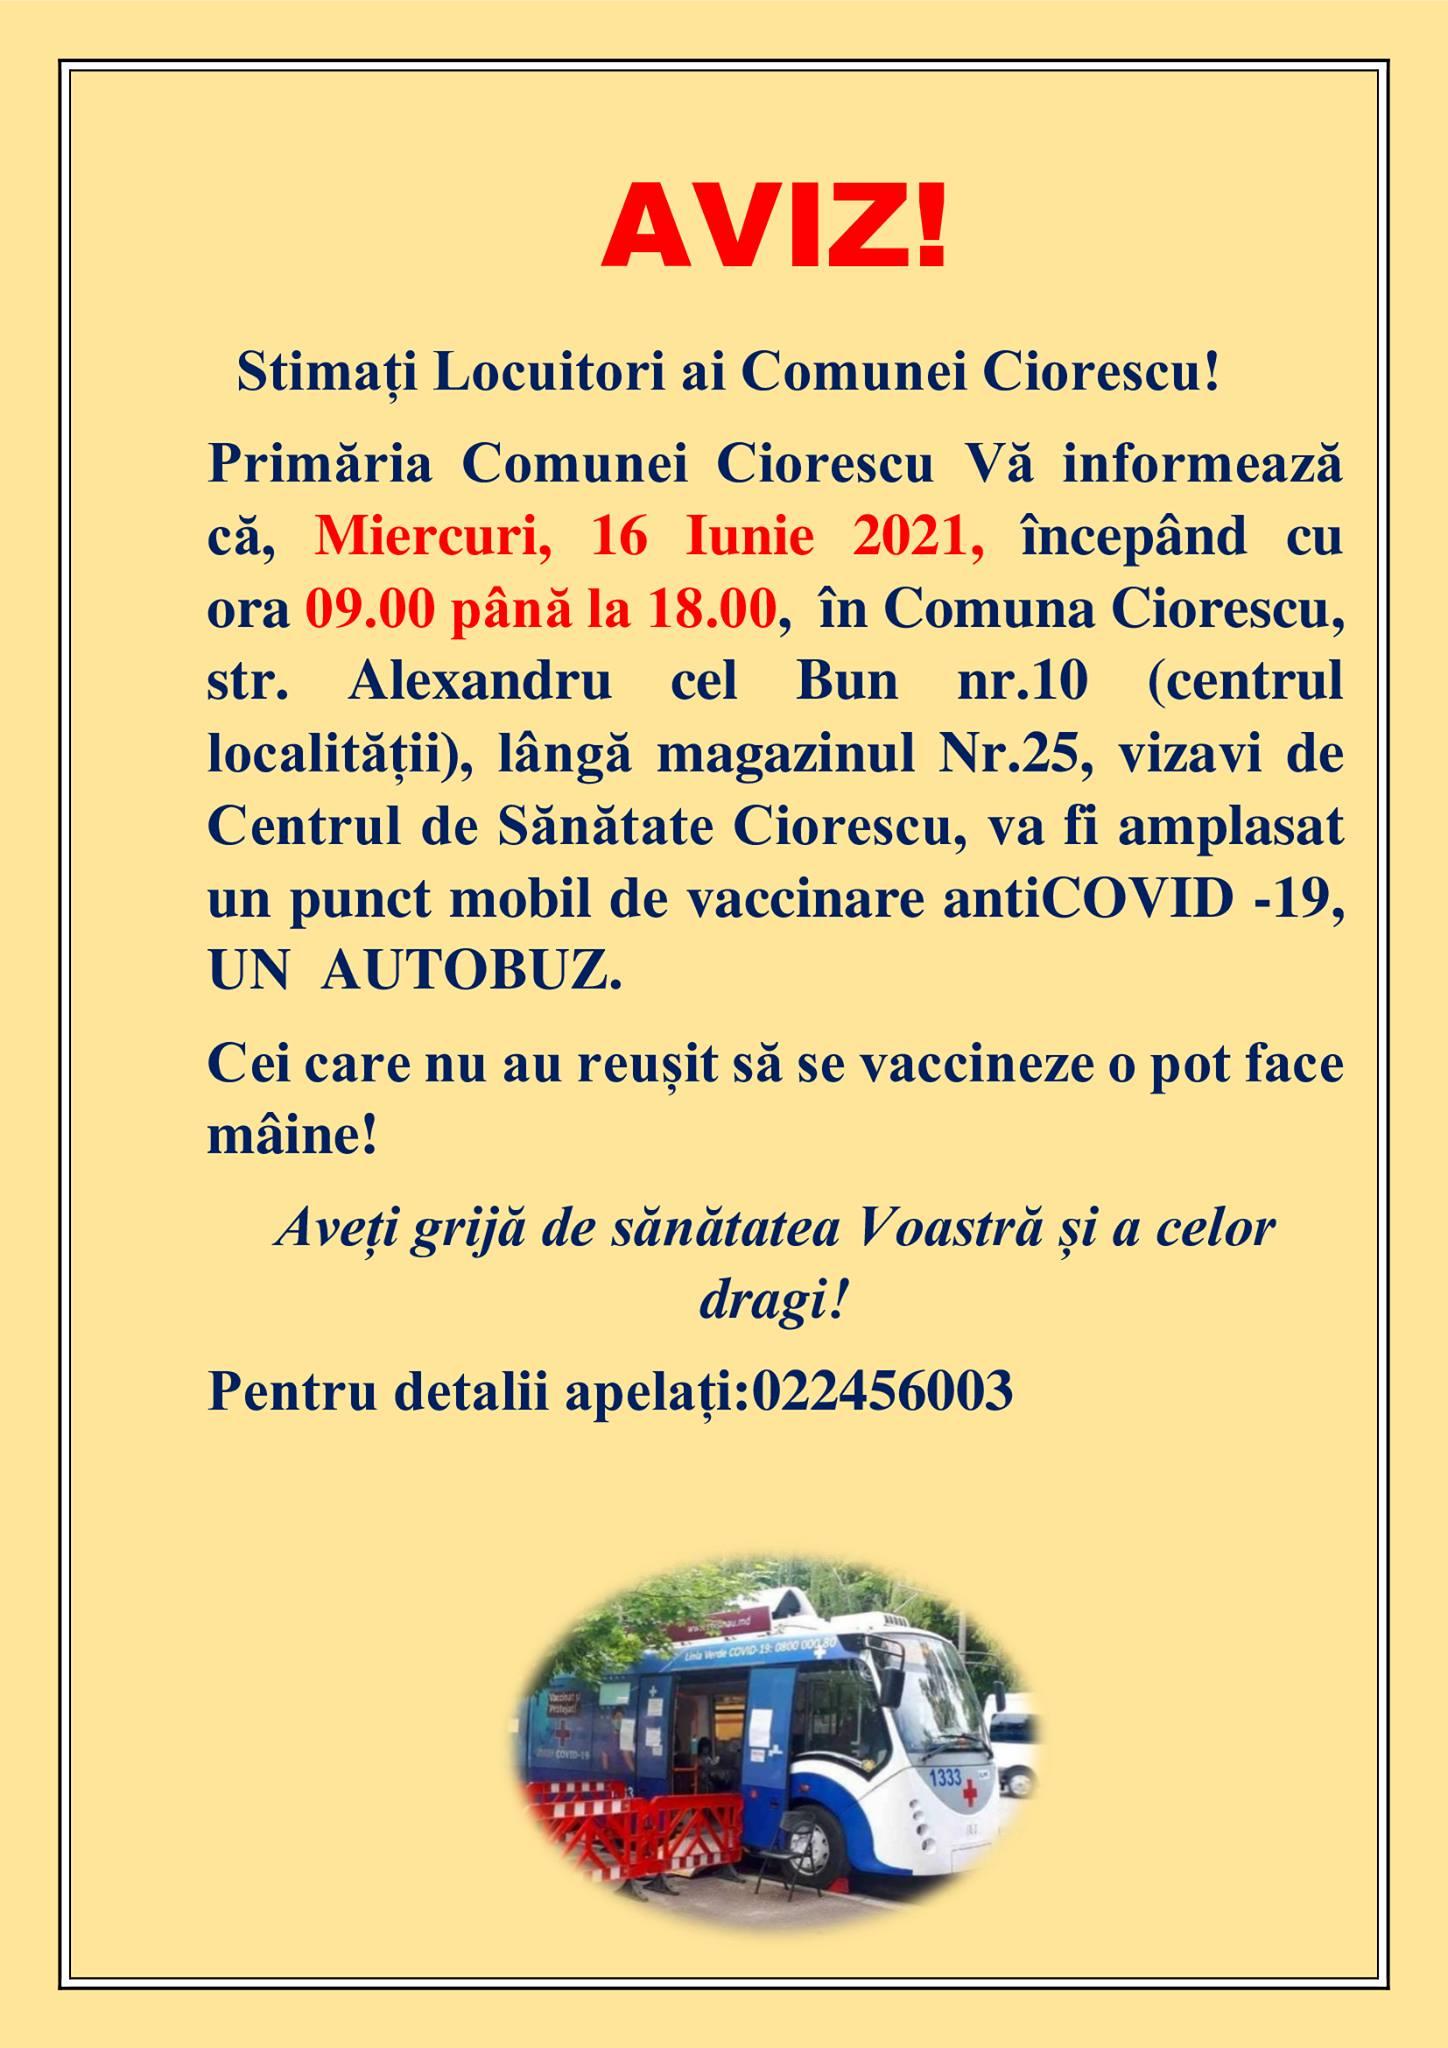 Amplasarea autobuzului antiCovid - 19 în Comuna Ciorescu